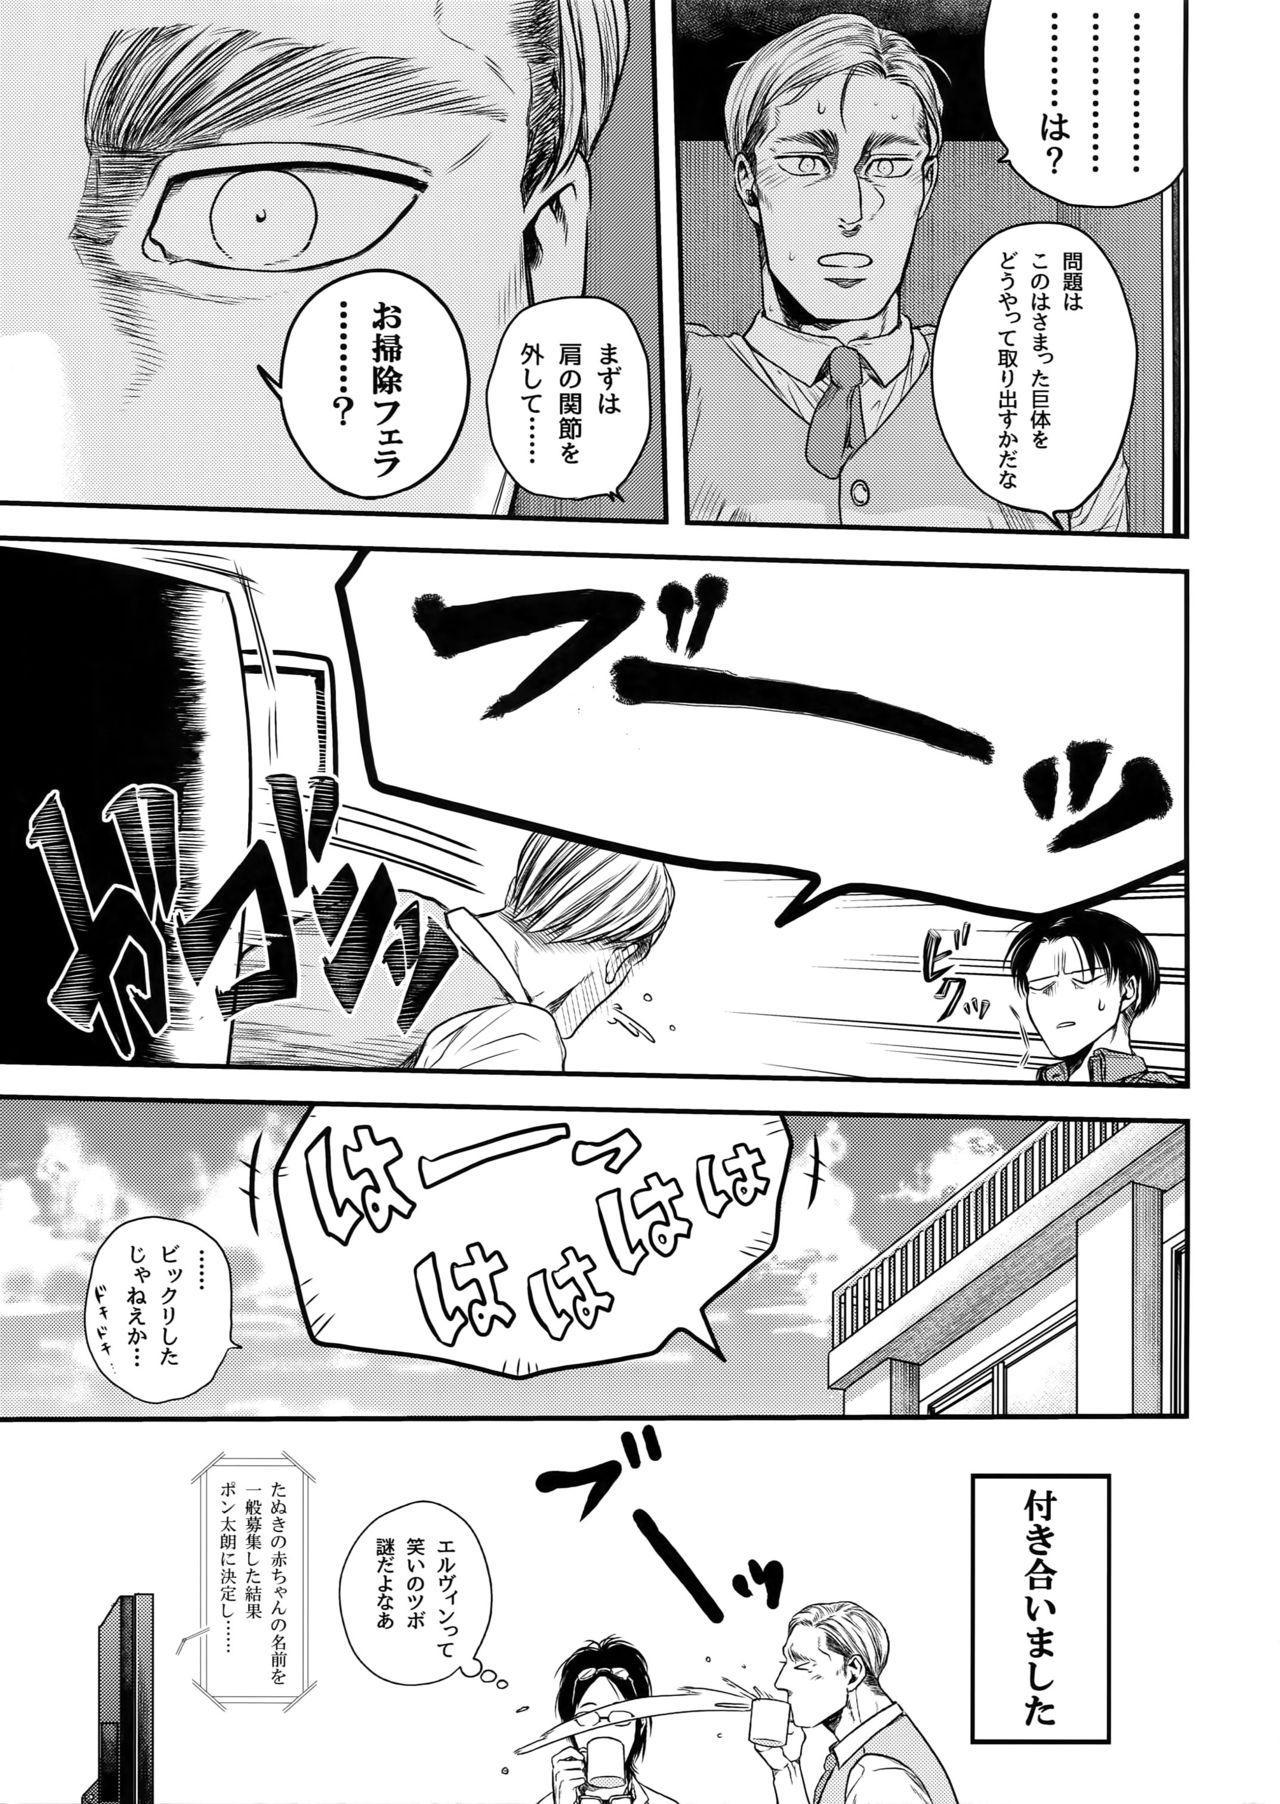 Rekishi Kyoushi to Seisouin 15